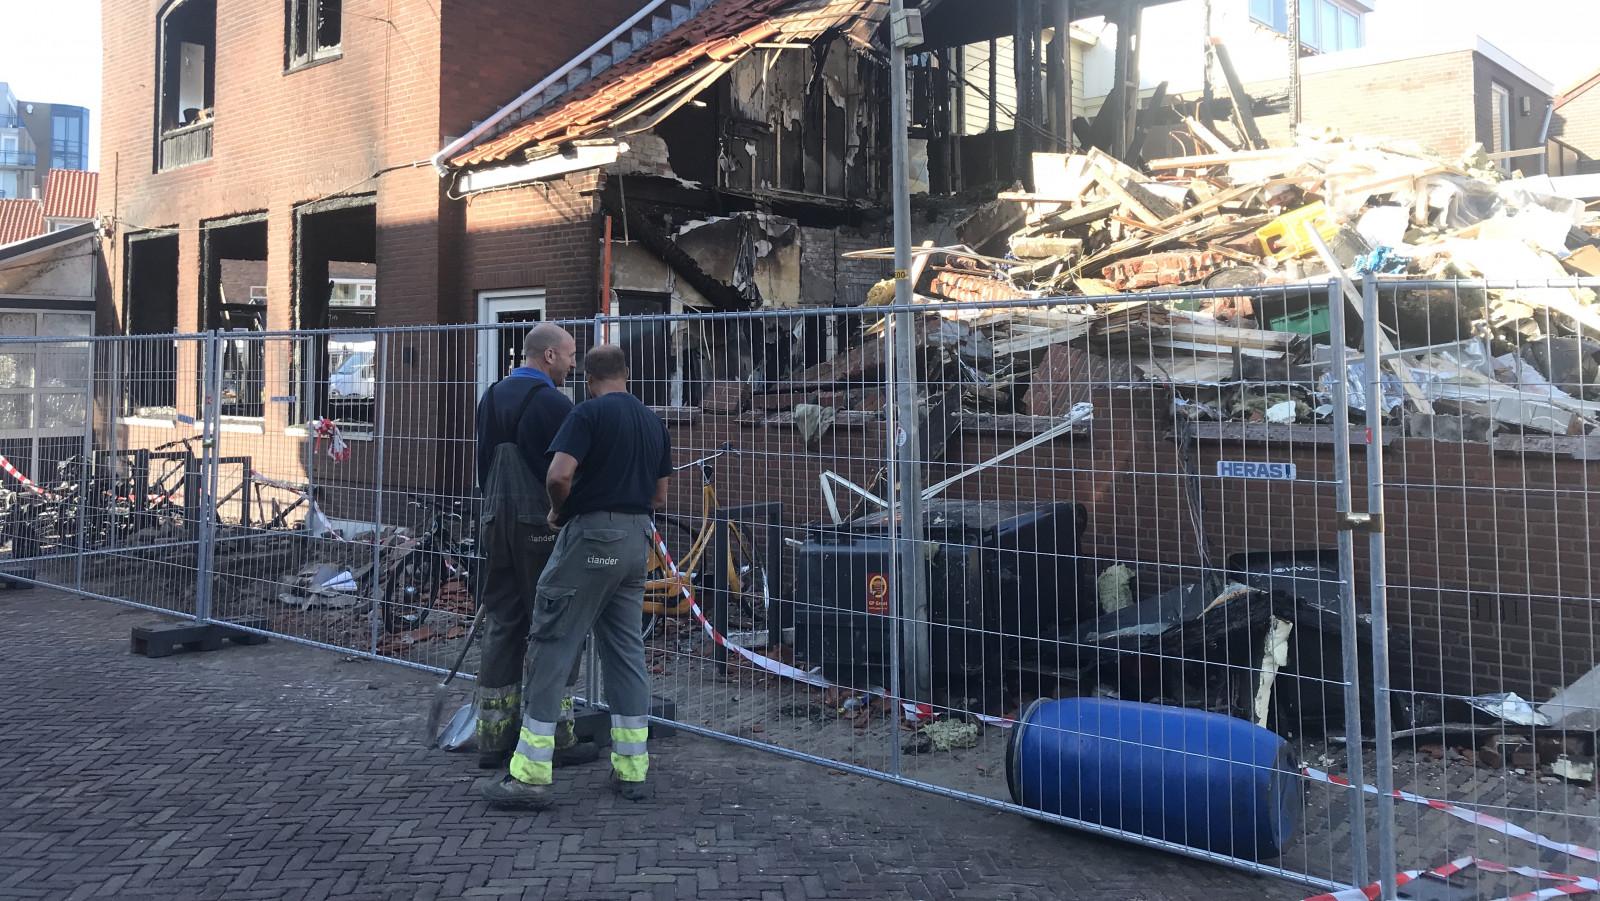 NH Nieuws / Jurgen van den Bos